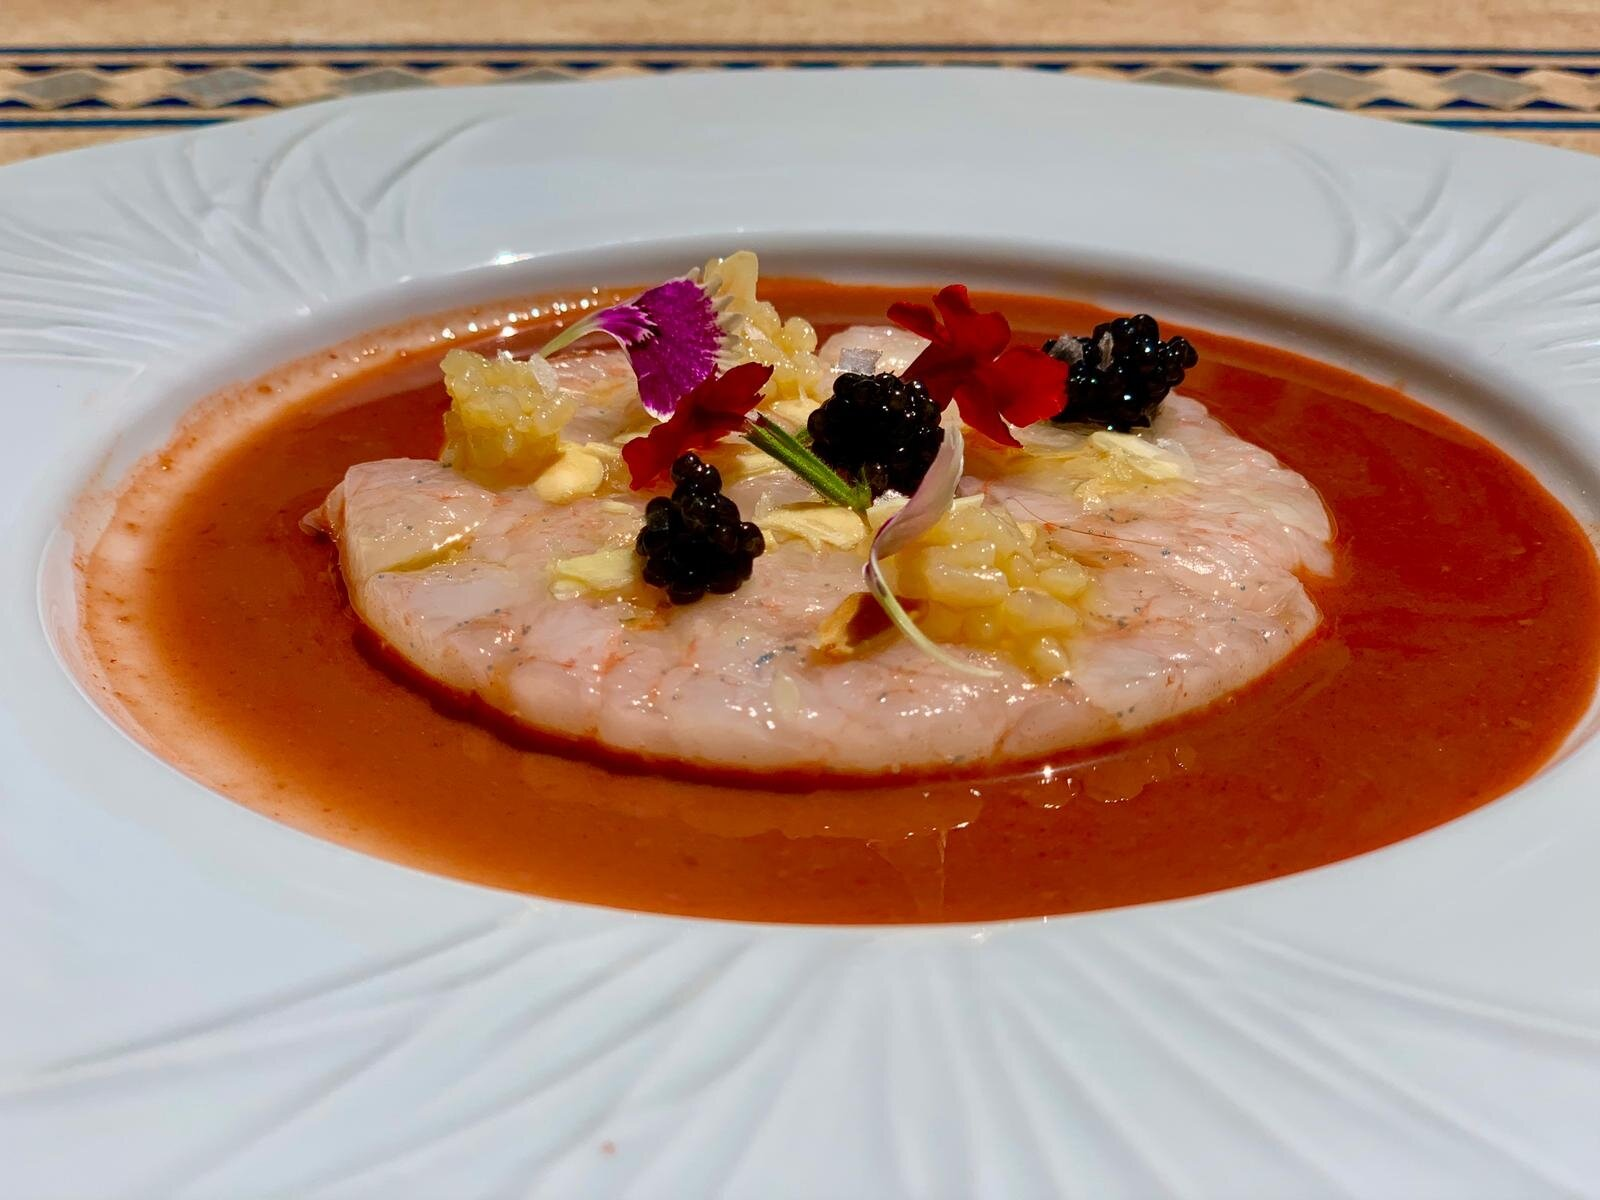 EL COSO-Carpaccio de quisquilla de Motril, almendra, queso , miel y caviar